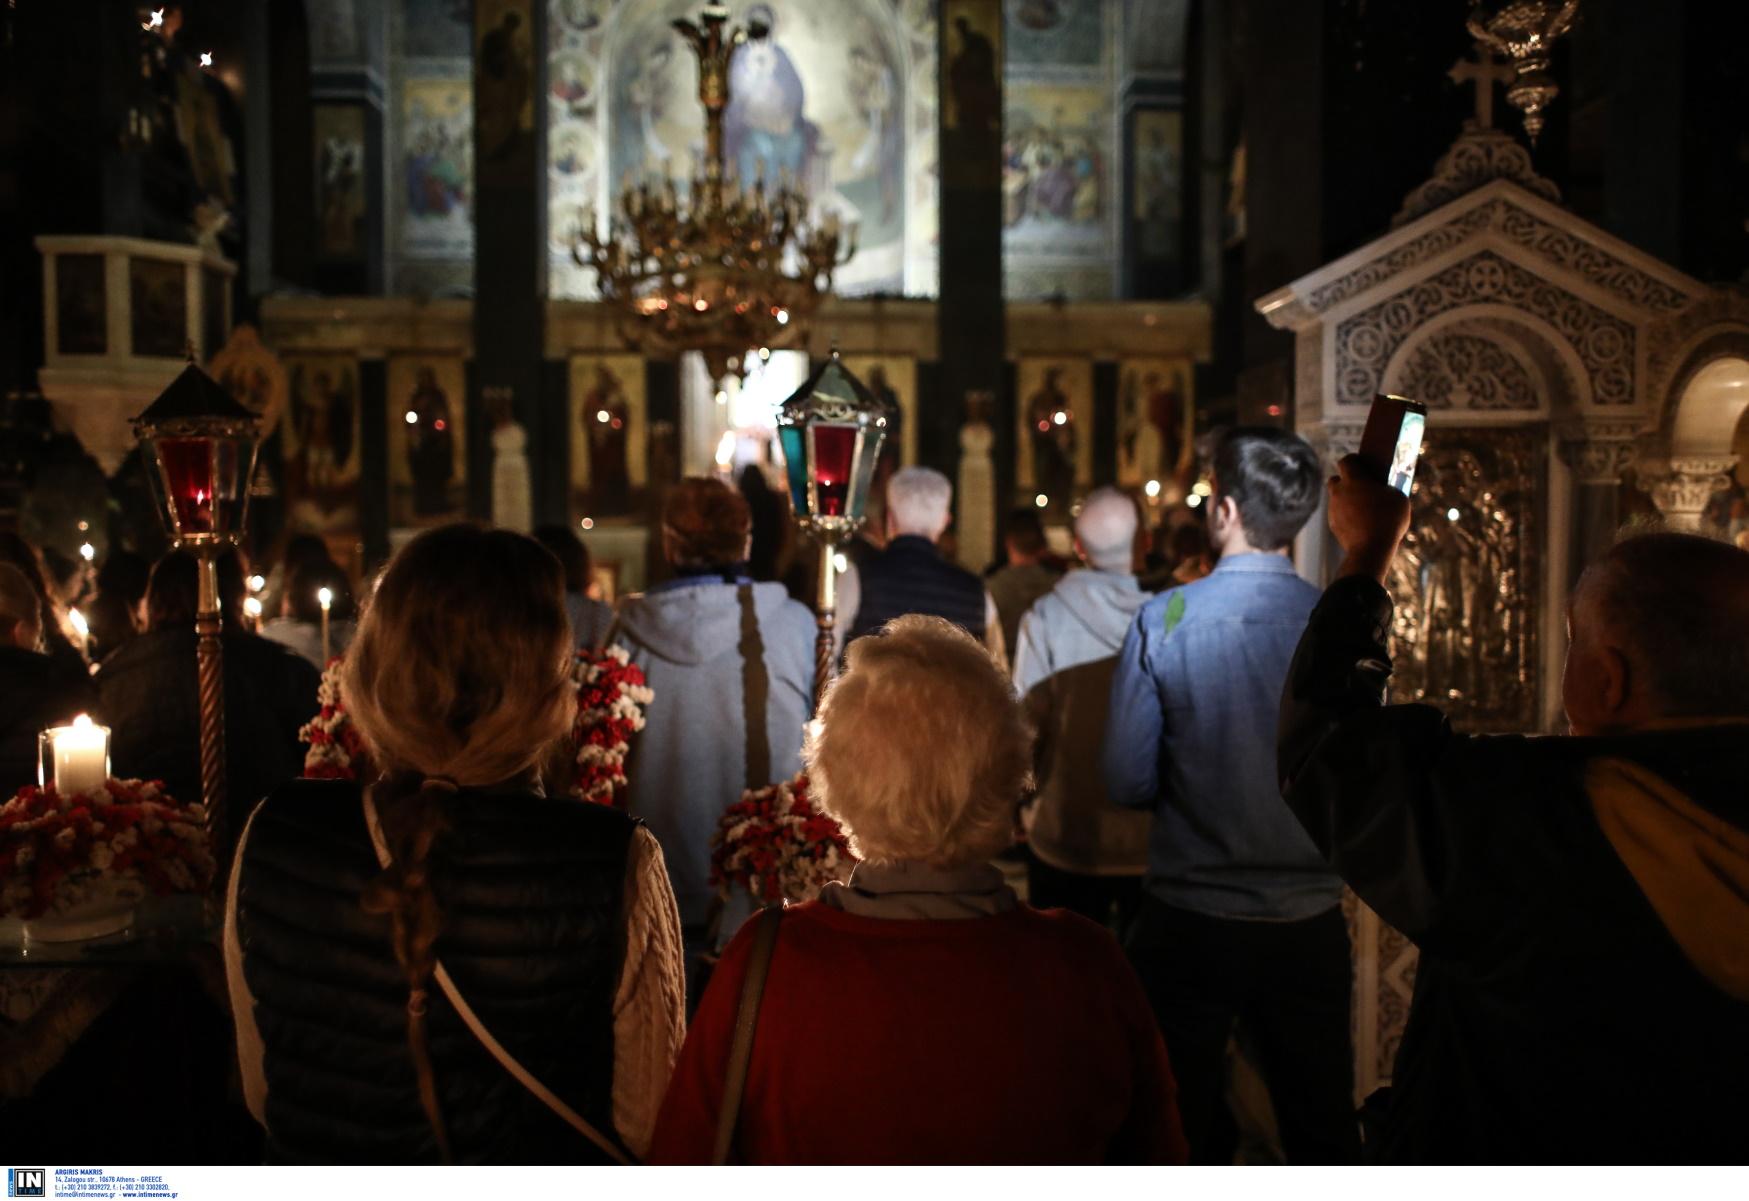 Πάσχα: Ανοικτές εκκλησίες τη Μεγάλη Εβδομάδα – Πως θα λειτουργήσουν